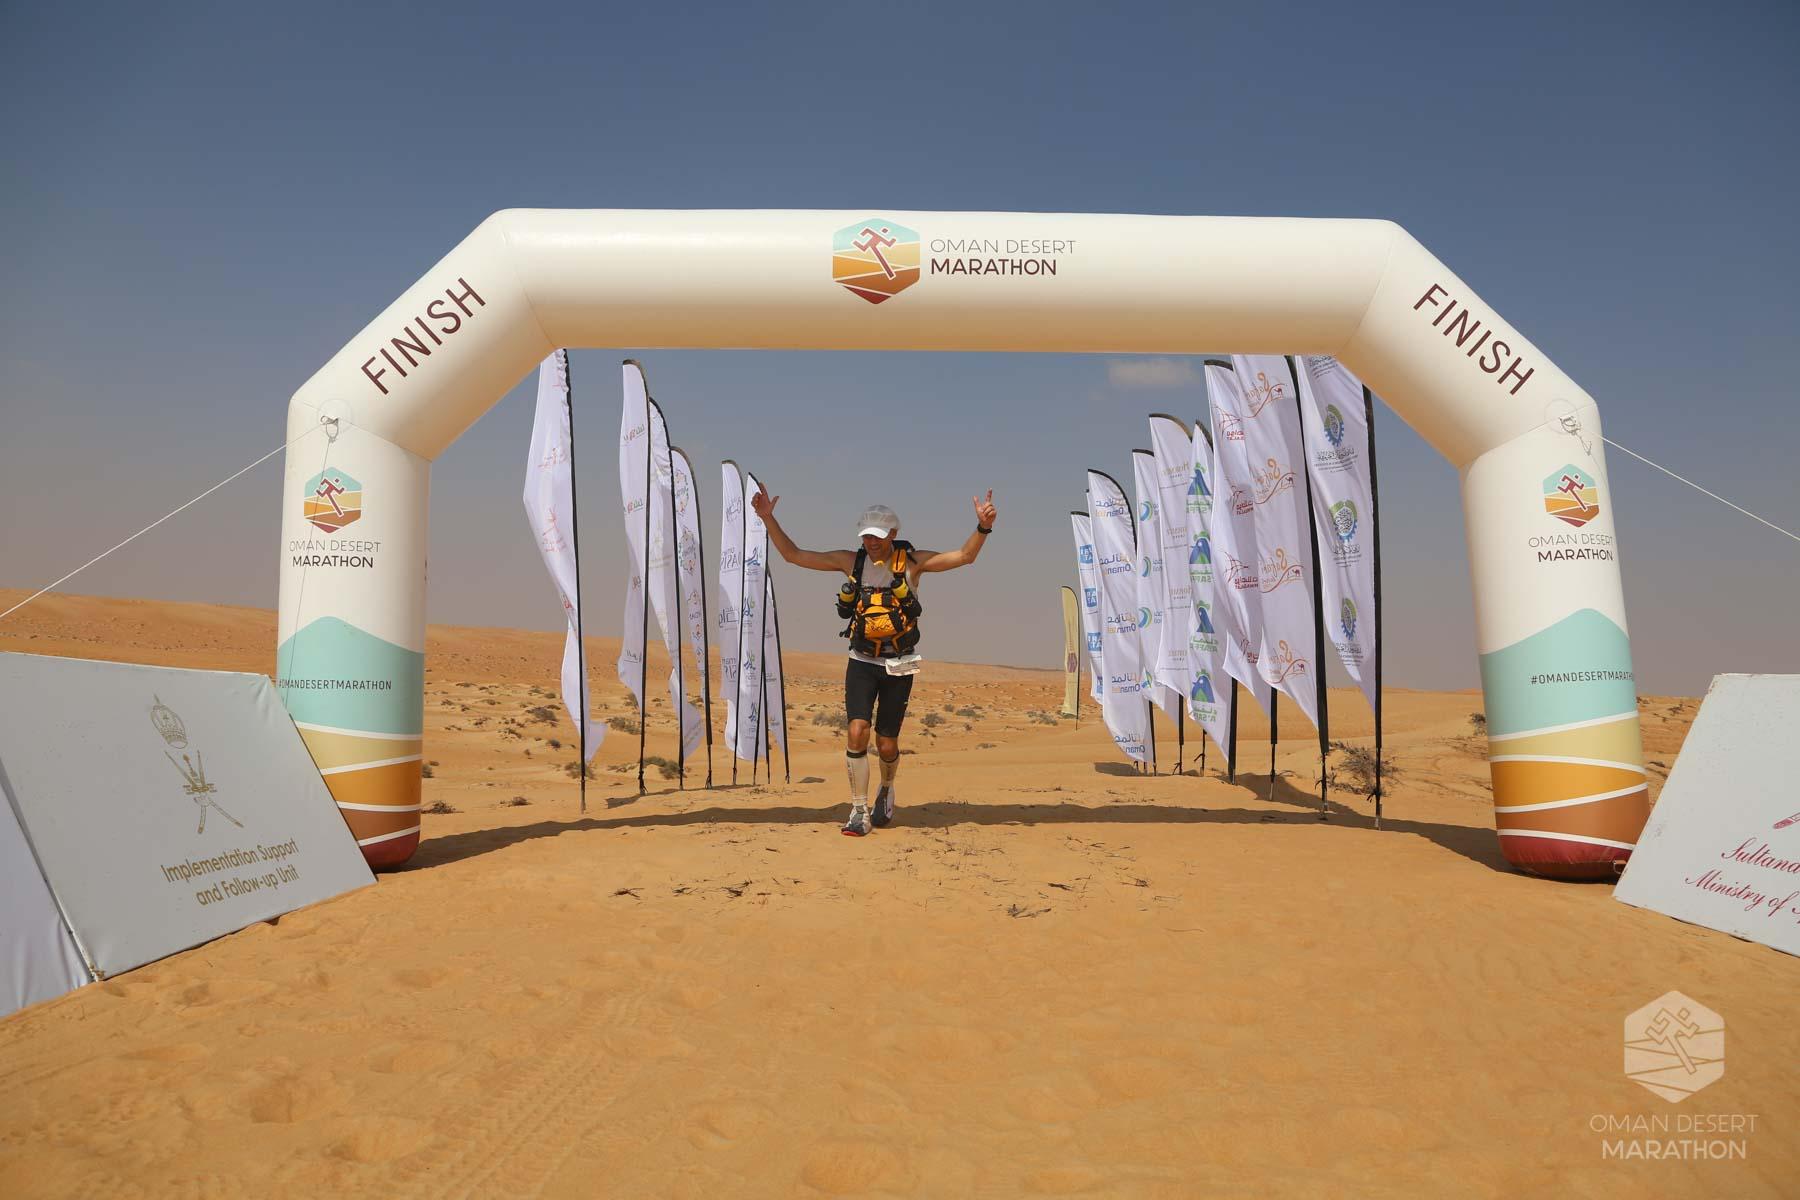 Oman Desert Marathon 2019 Stage 4 Oman Desert Marathon